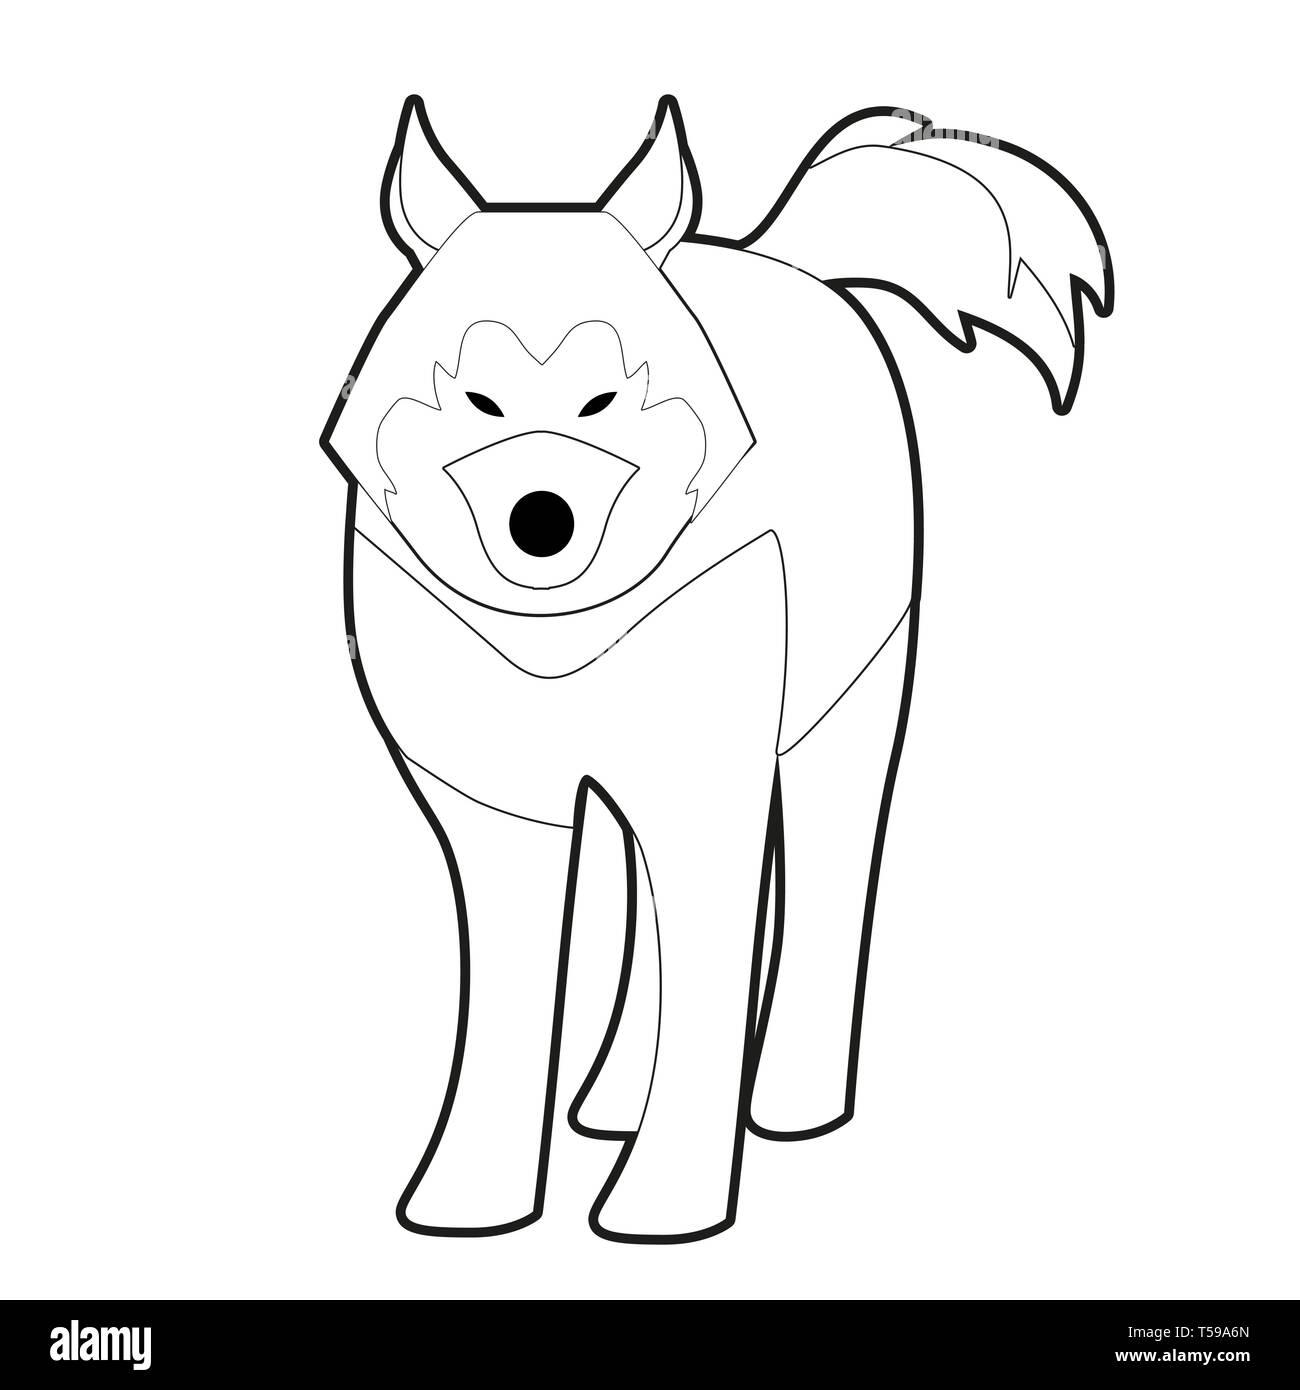 Sled husky dog of polar race cartoon style isolated on white background - Stock Image